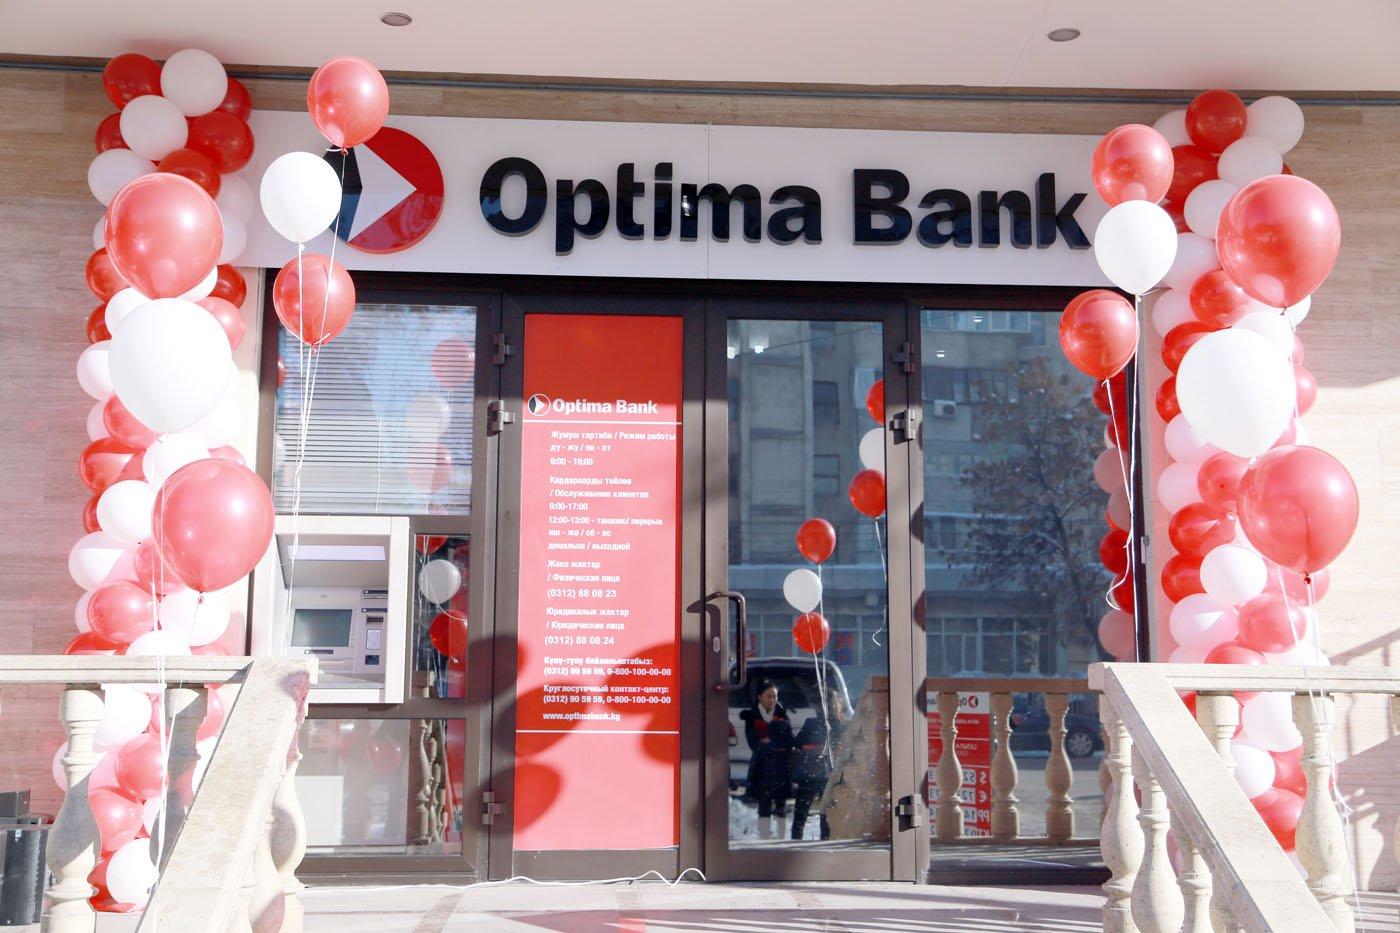 В Украине могут прекратить свою деятельность еще 7 банков